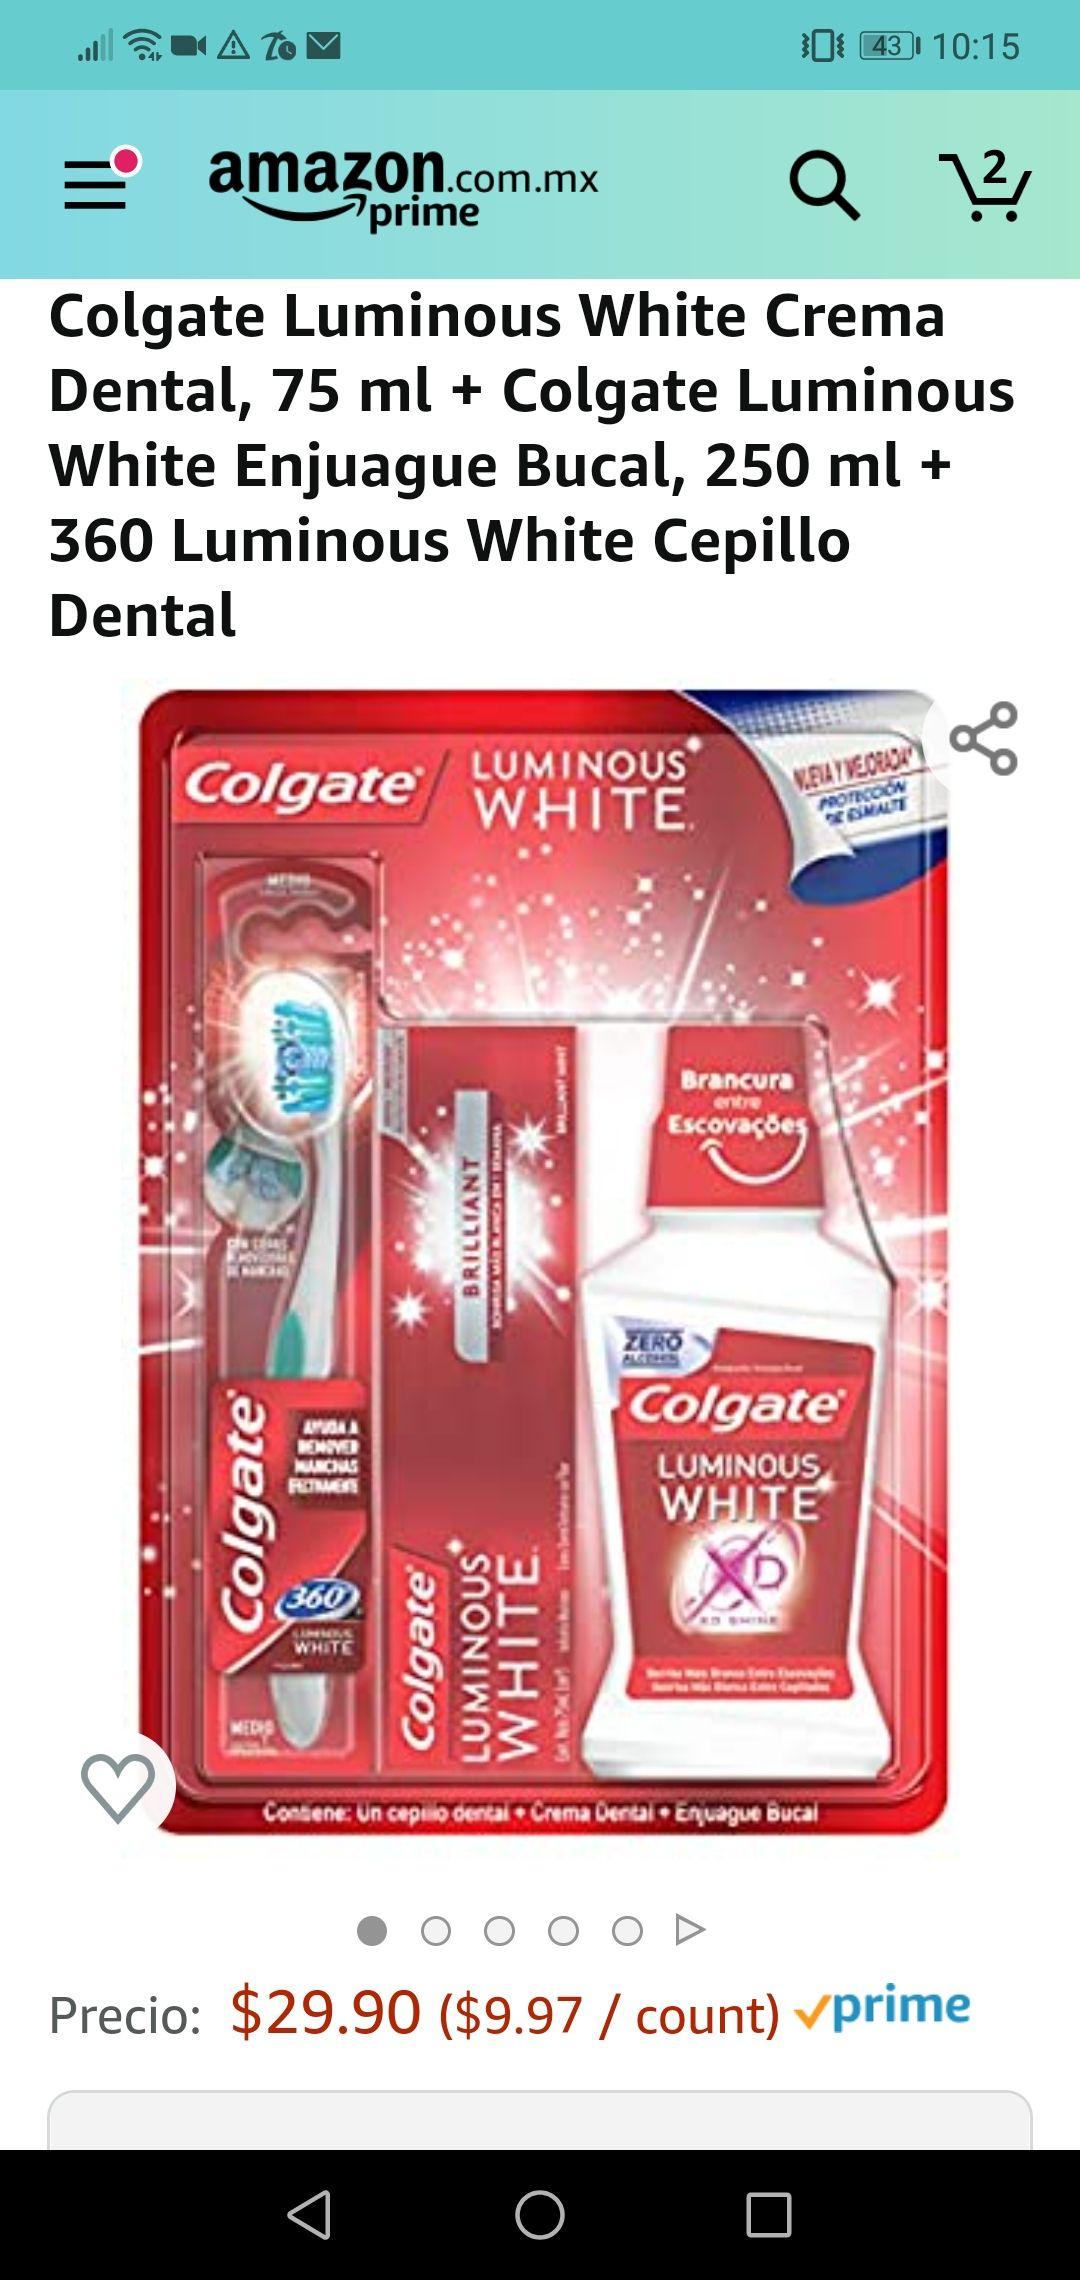 Amazon: Colgate Luminous White Crema Dental, 75 ml + Colgate Luminous White Enjuague Bucal, 250 ml + 360 Luminous